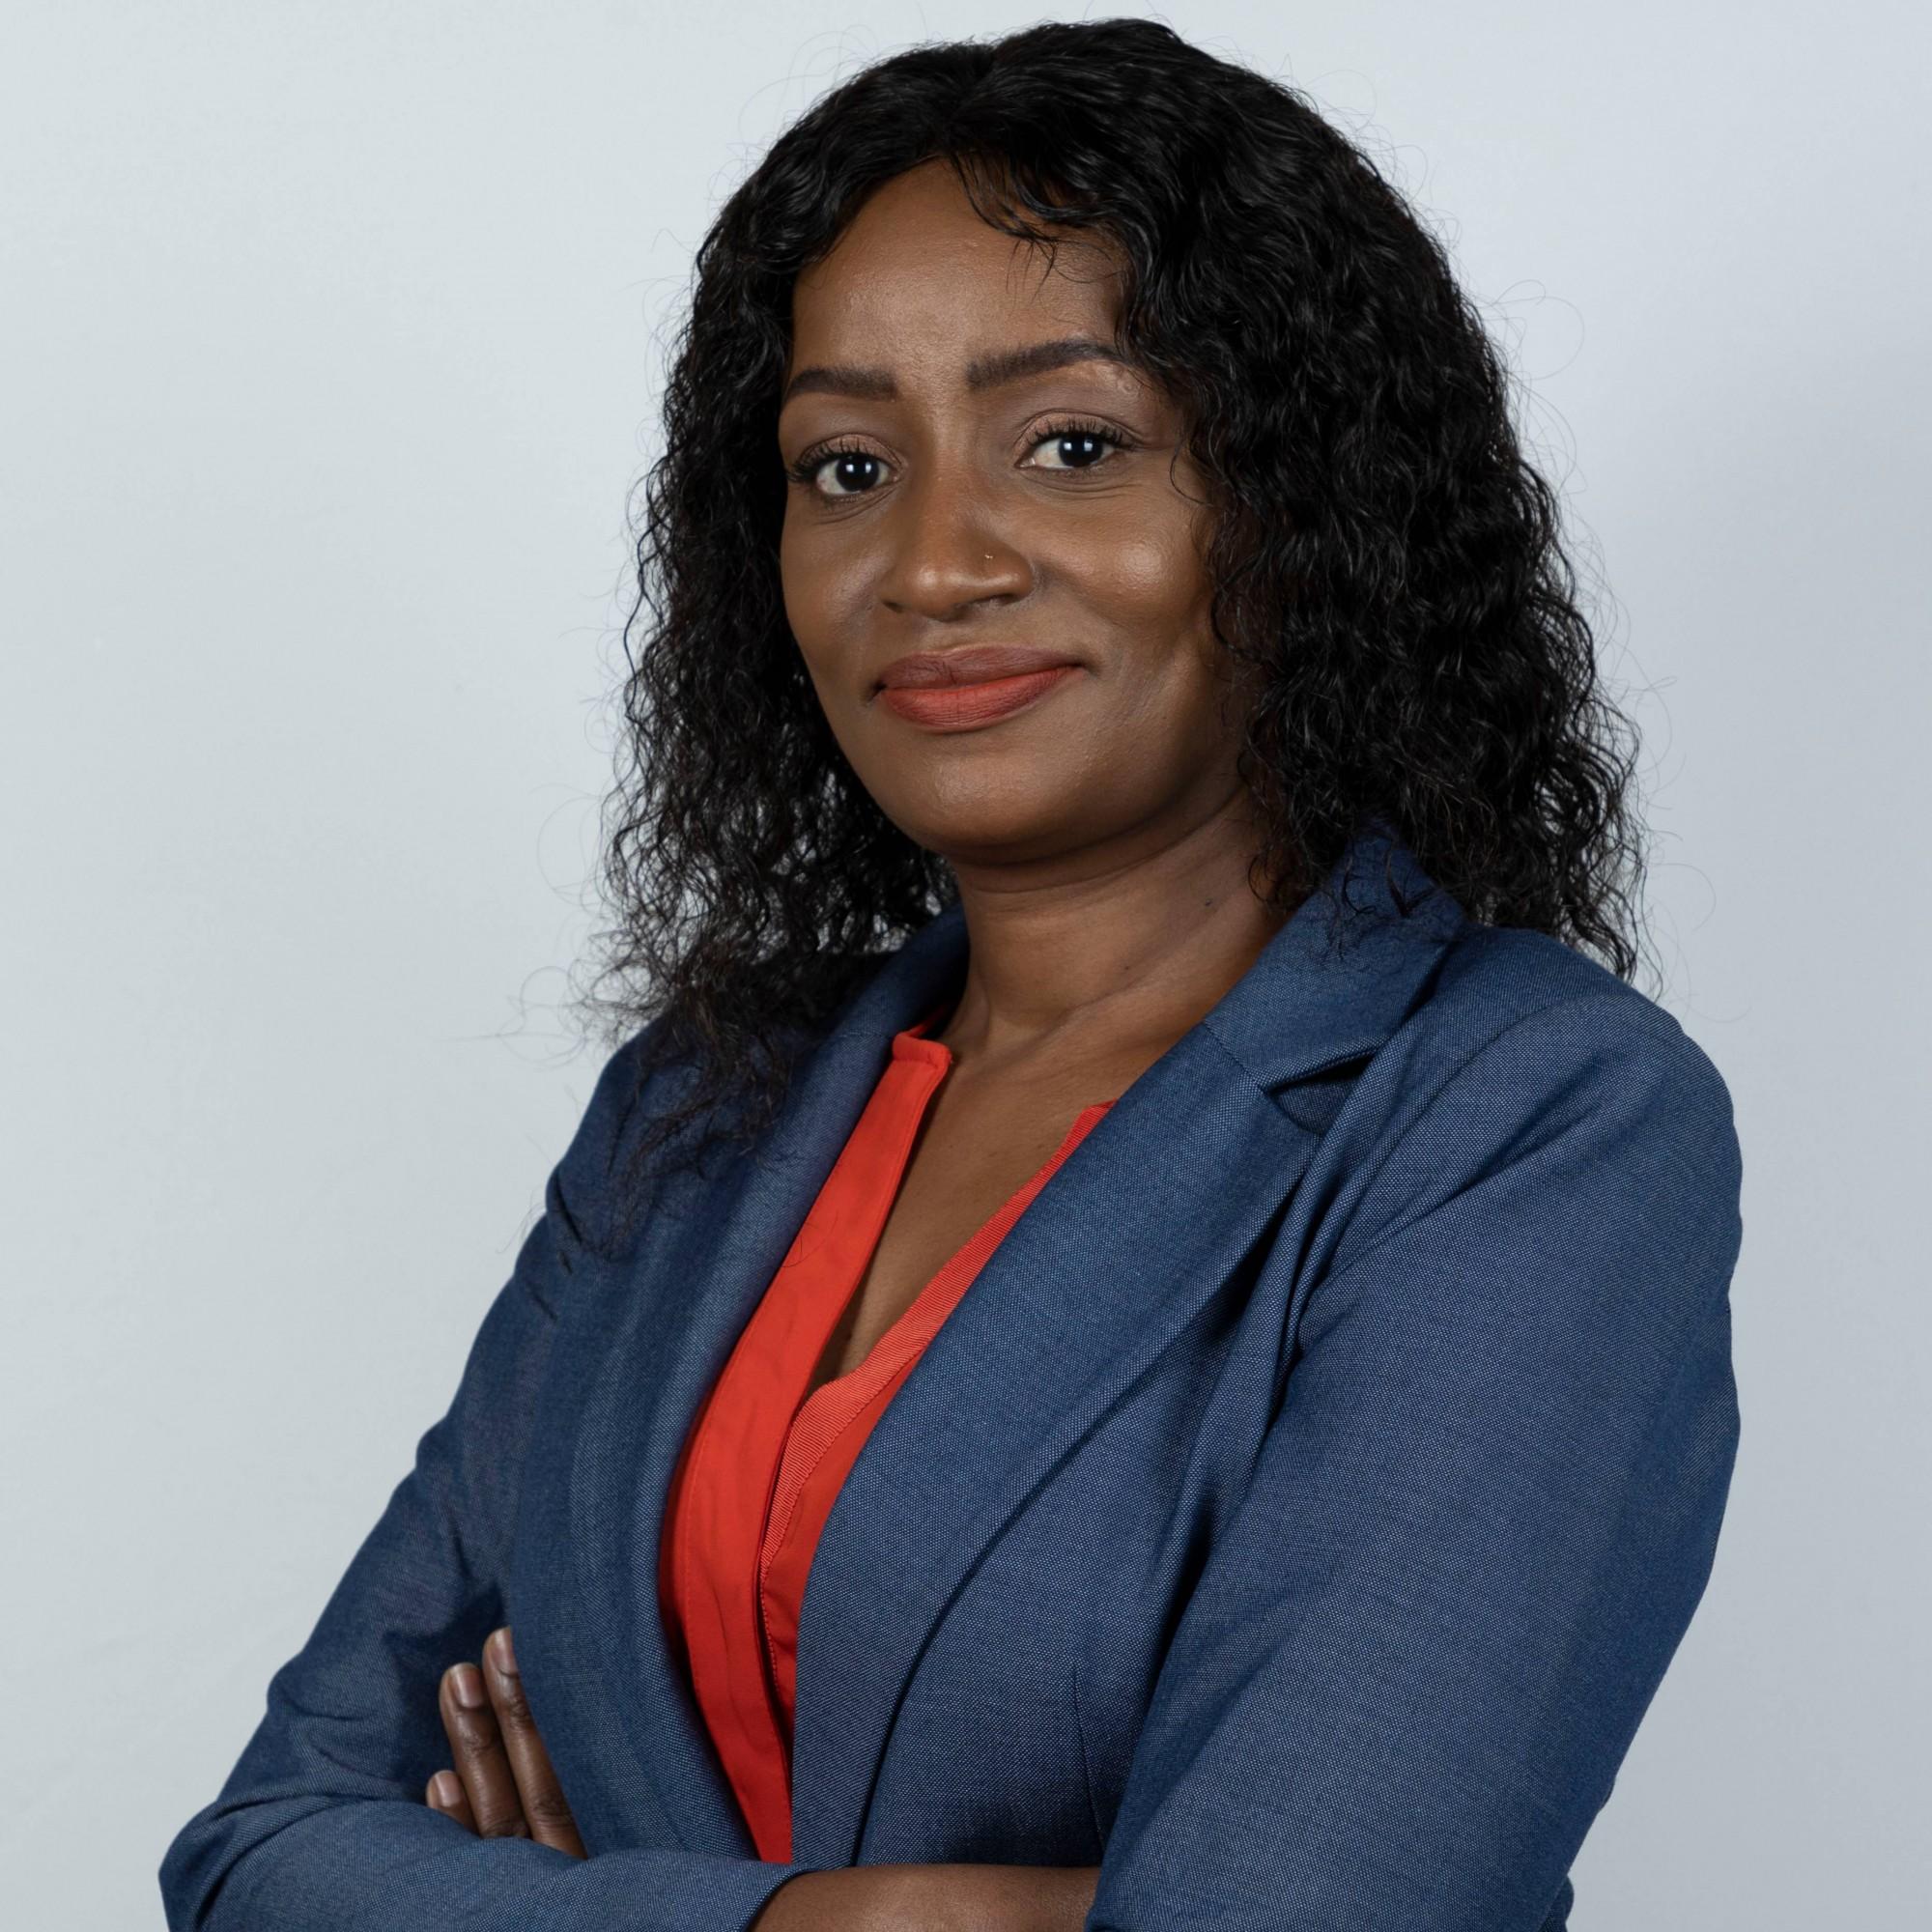 Esther Njuguna